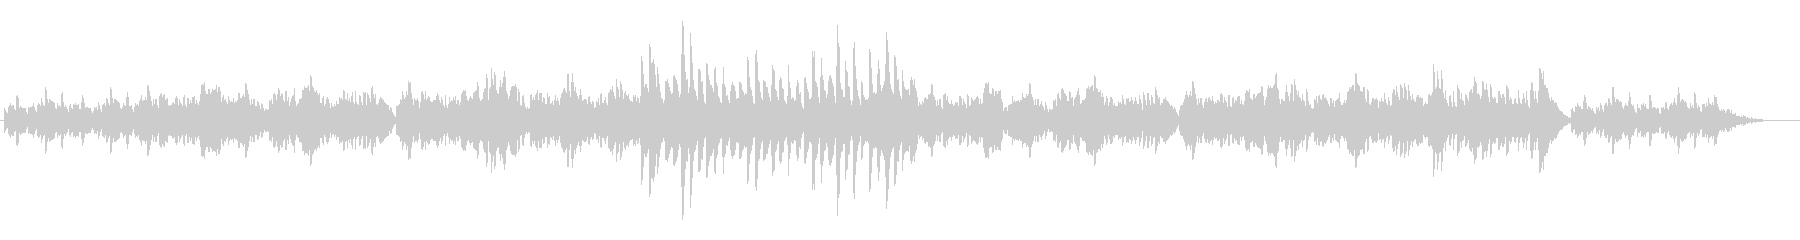 静かで穏やかなFl.Harp二重奏の未再生の波形